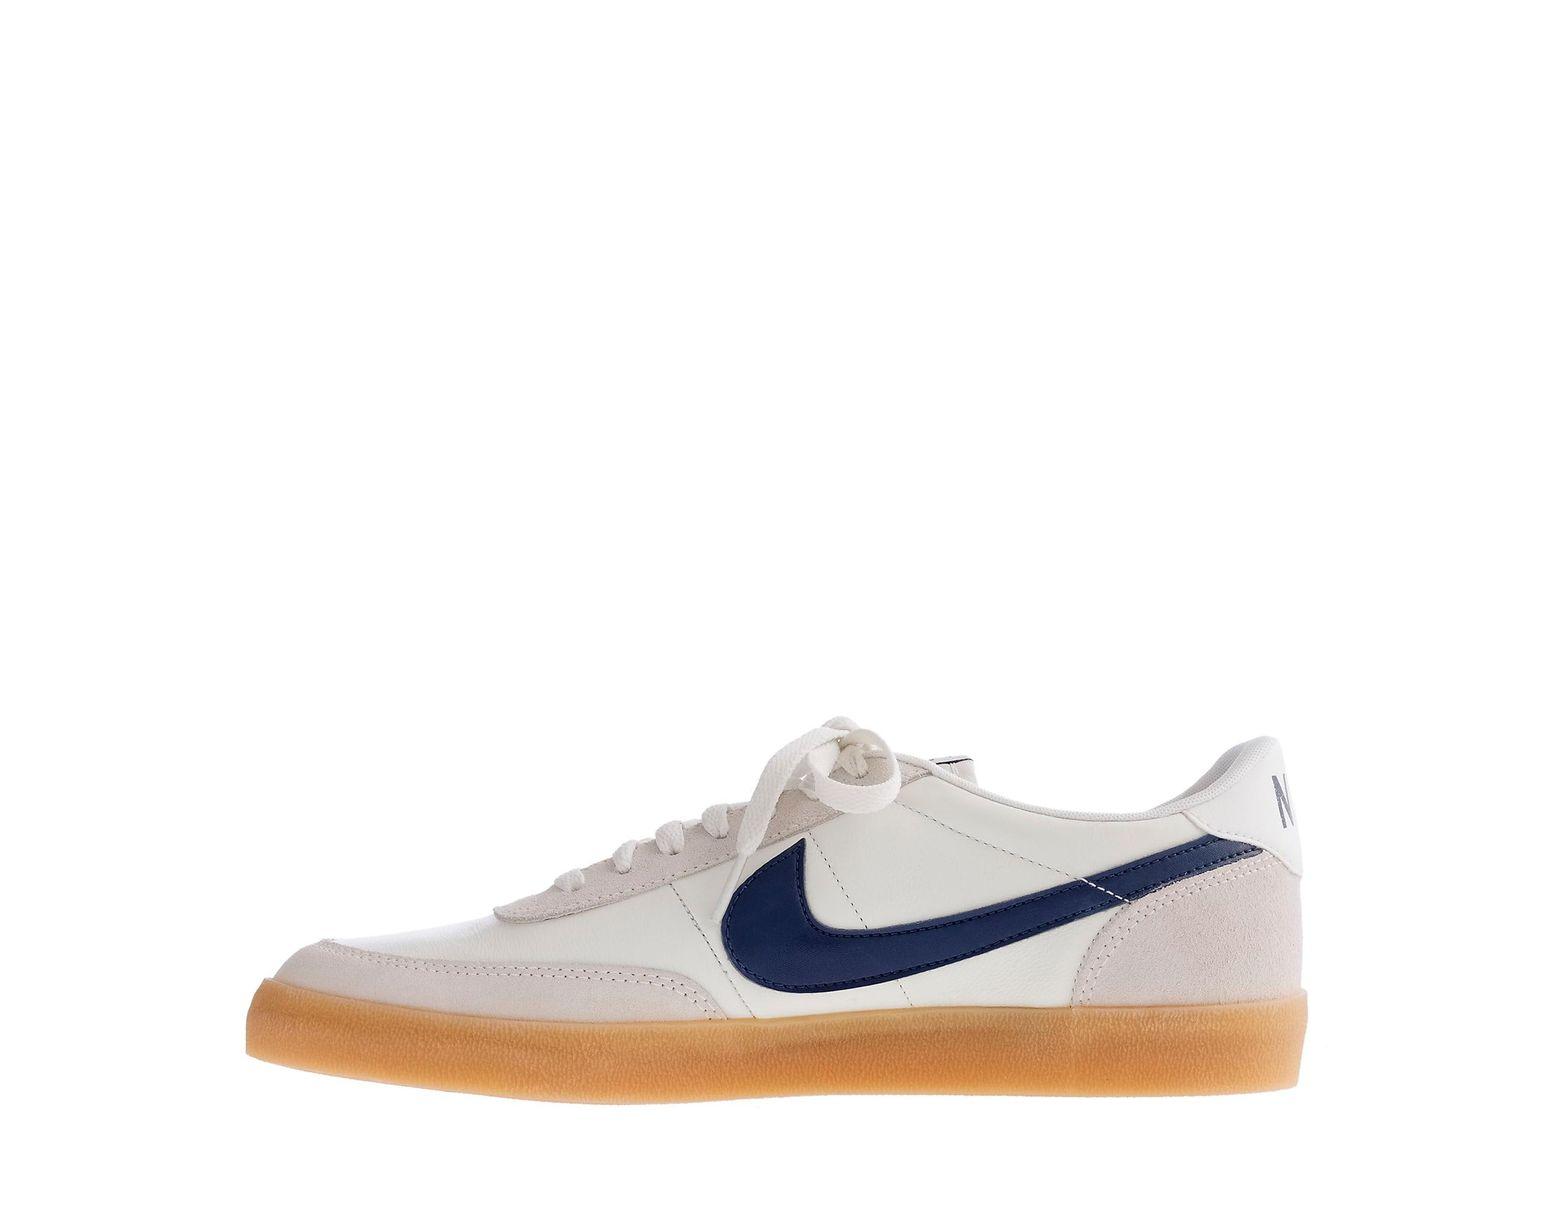 d5f327494b8e Lyst - Nike Killshot 2 Sneakers in White for Men